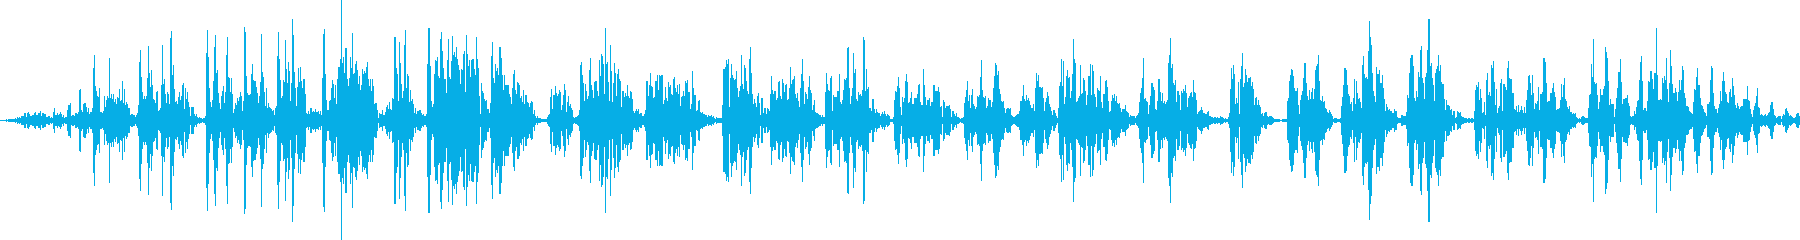 お腹の鳴る音_グリュグリュ_01の再生済みの波形